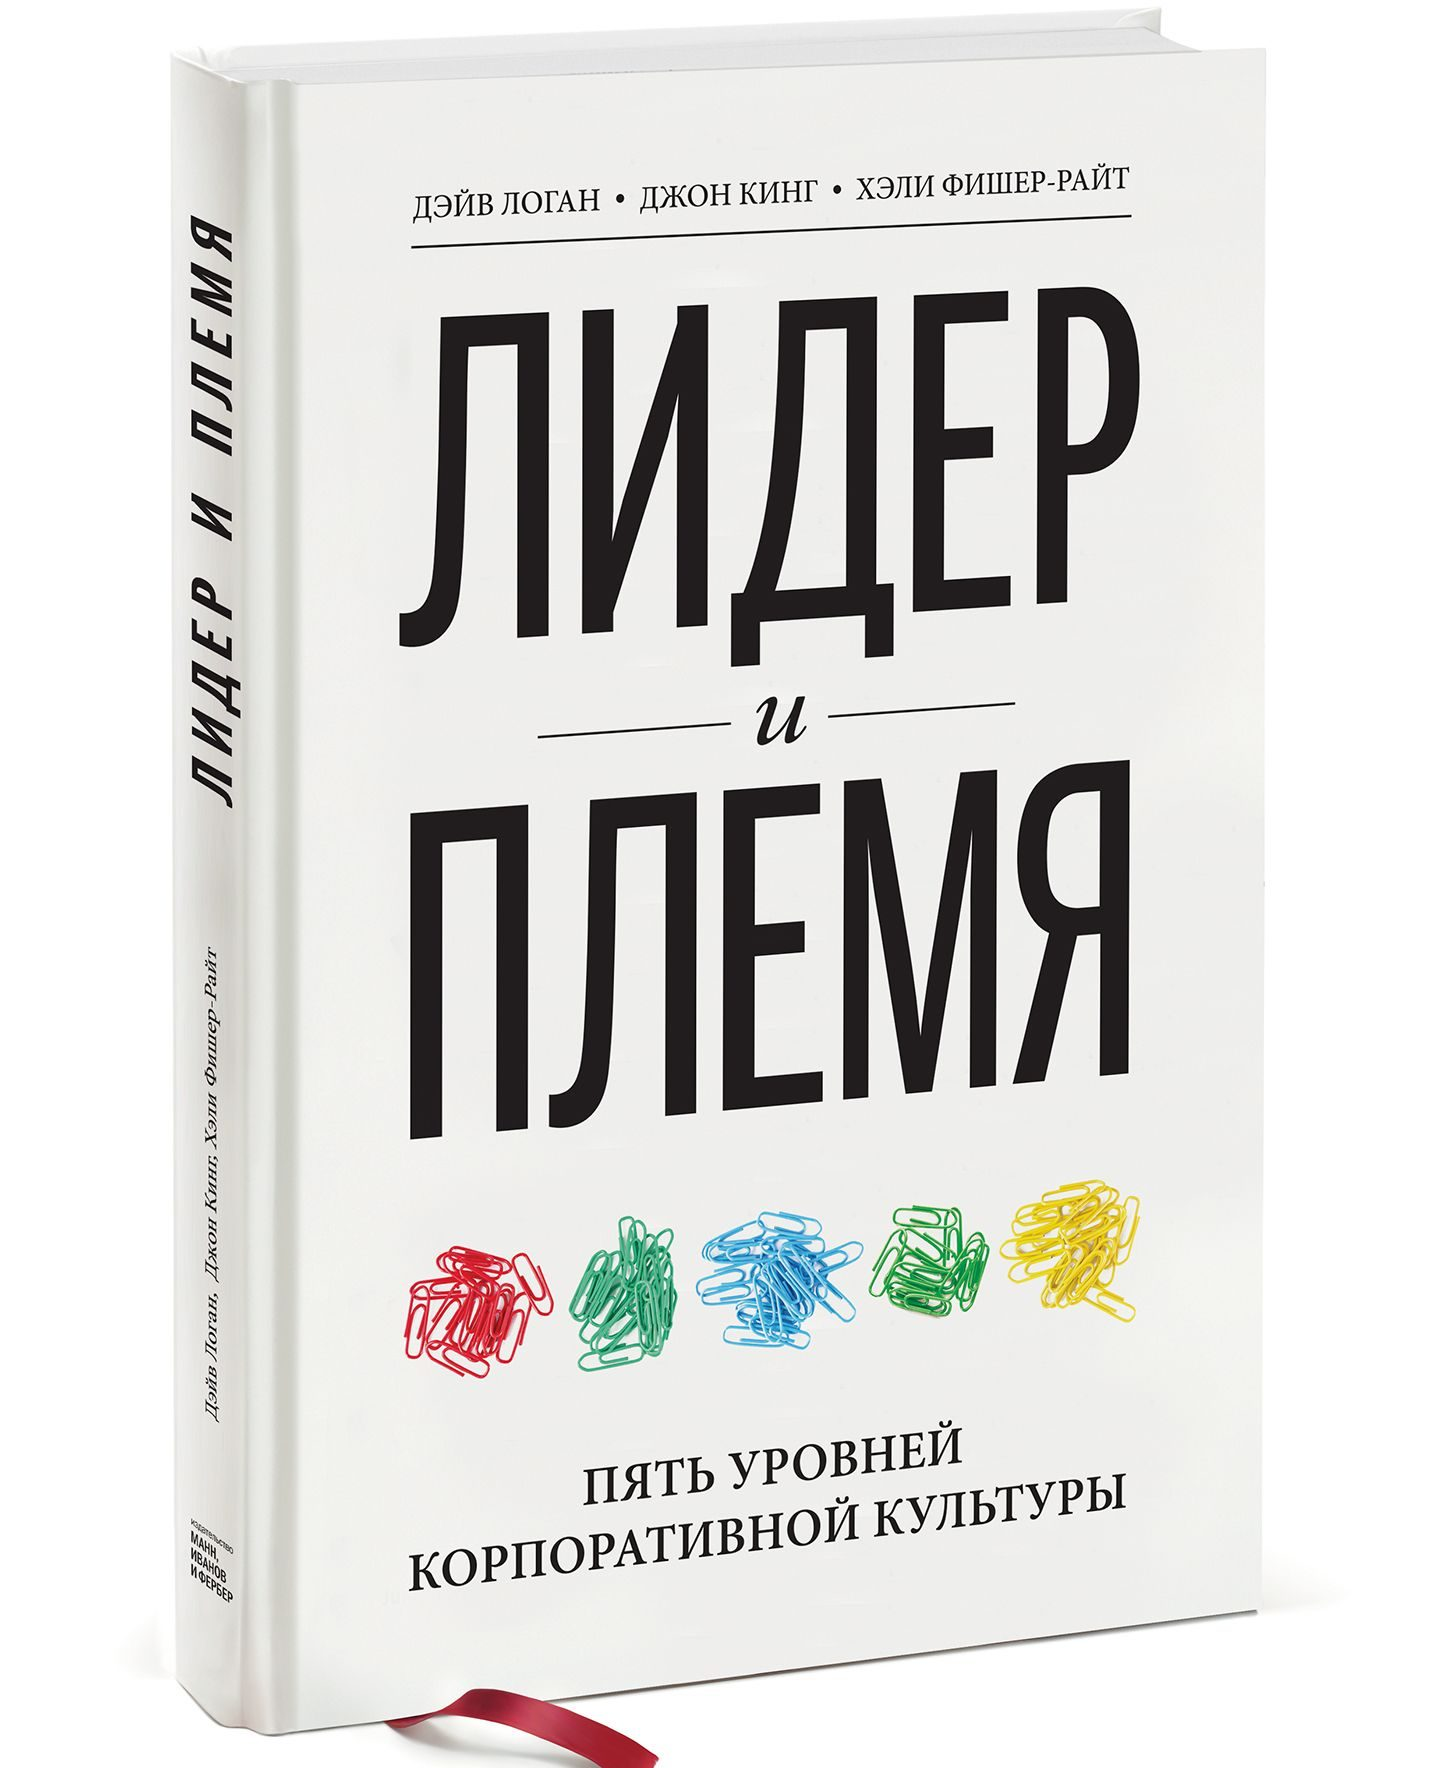 ТОП 10 книг для бизнесменов 2017